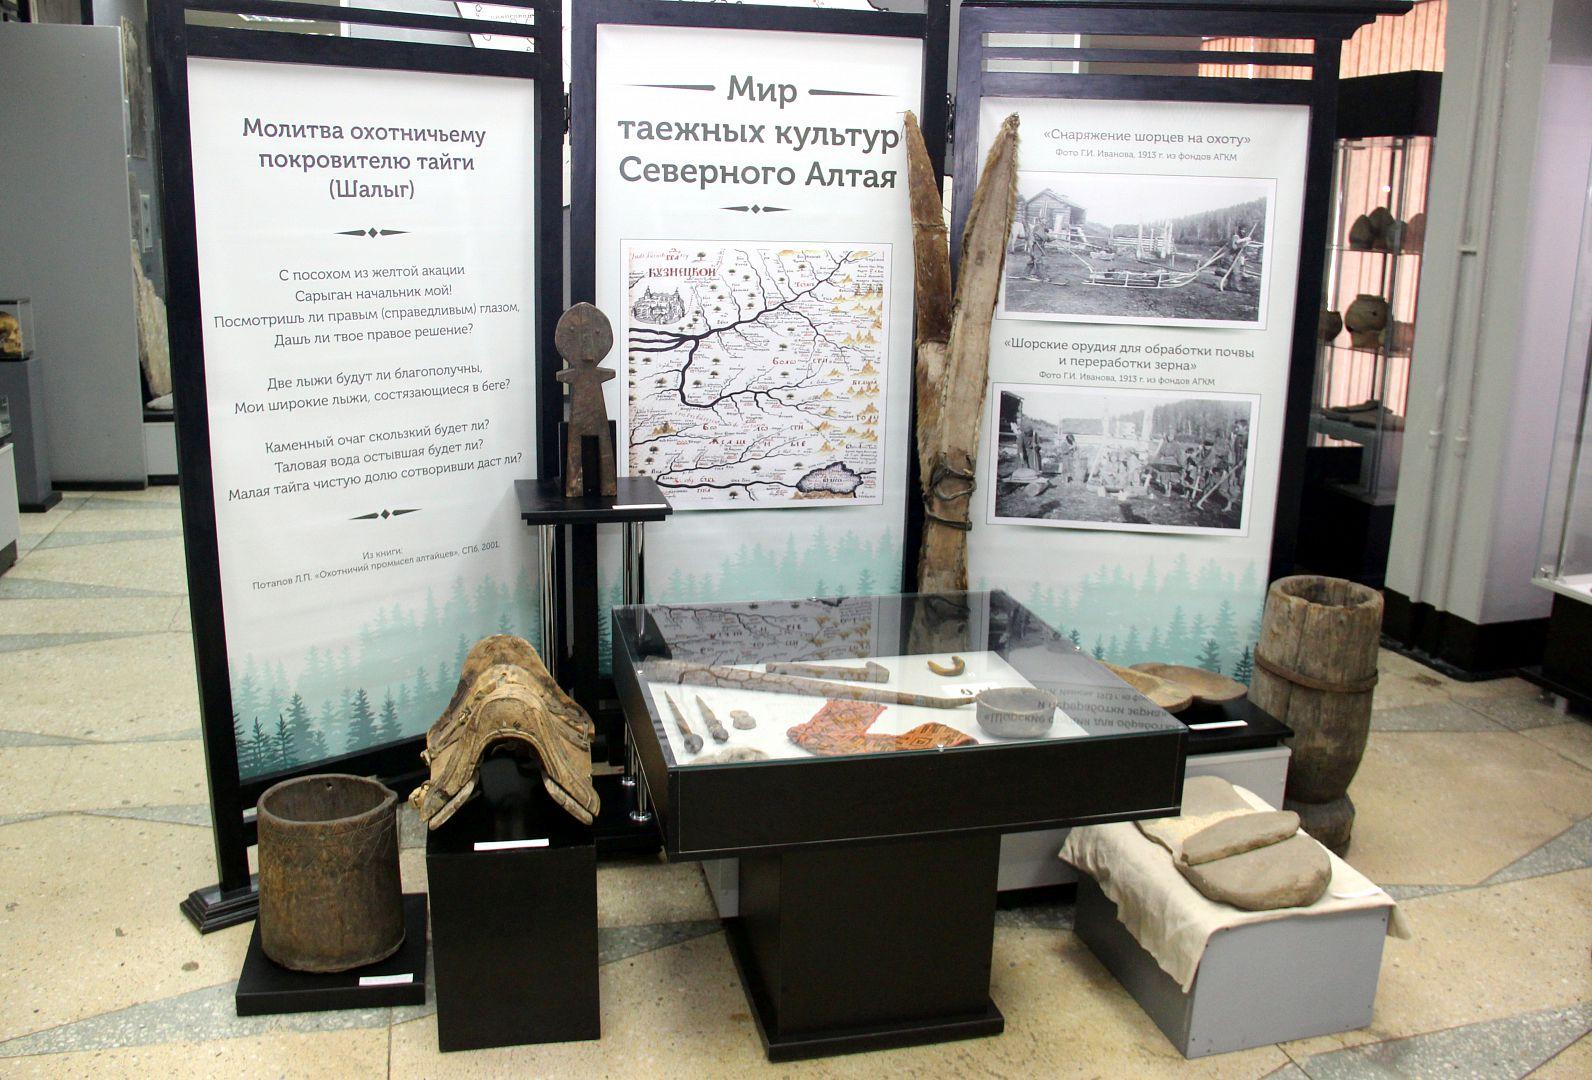 Состоялось открытие первого в истории АлтГУ этнографического музейного проекта